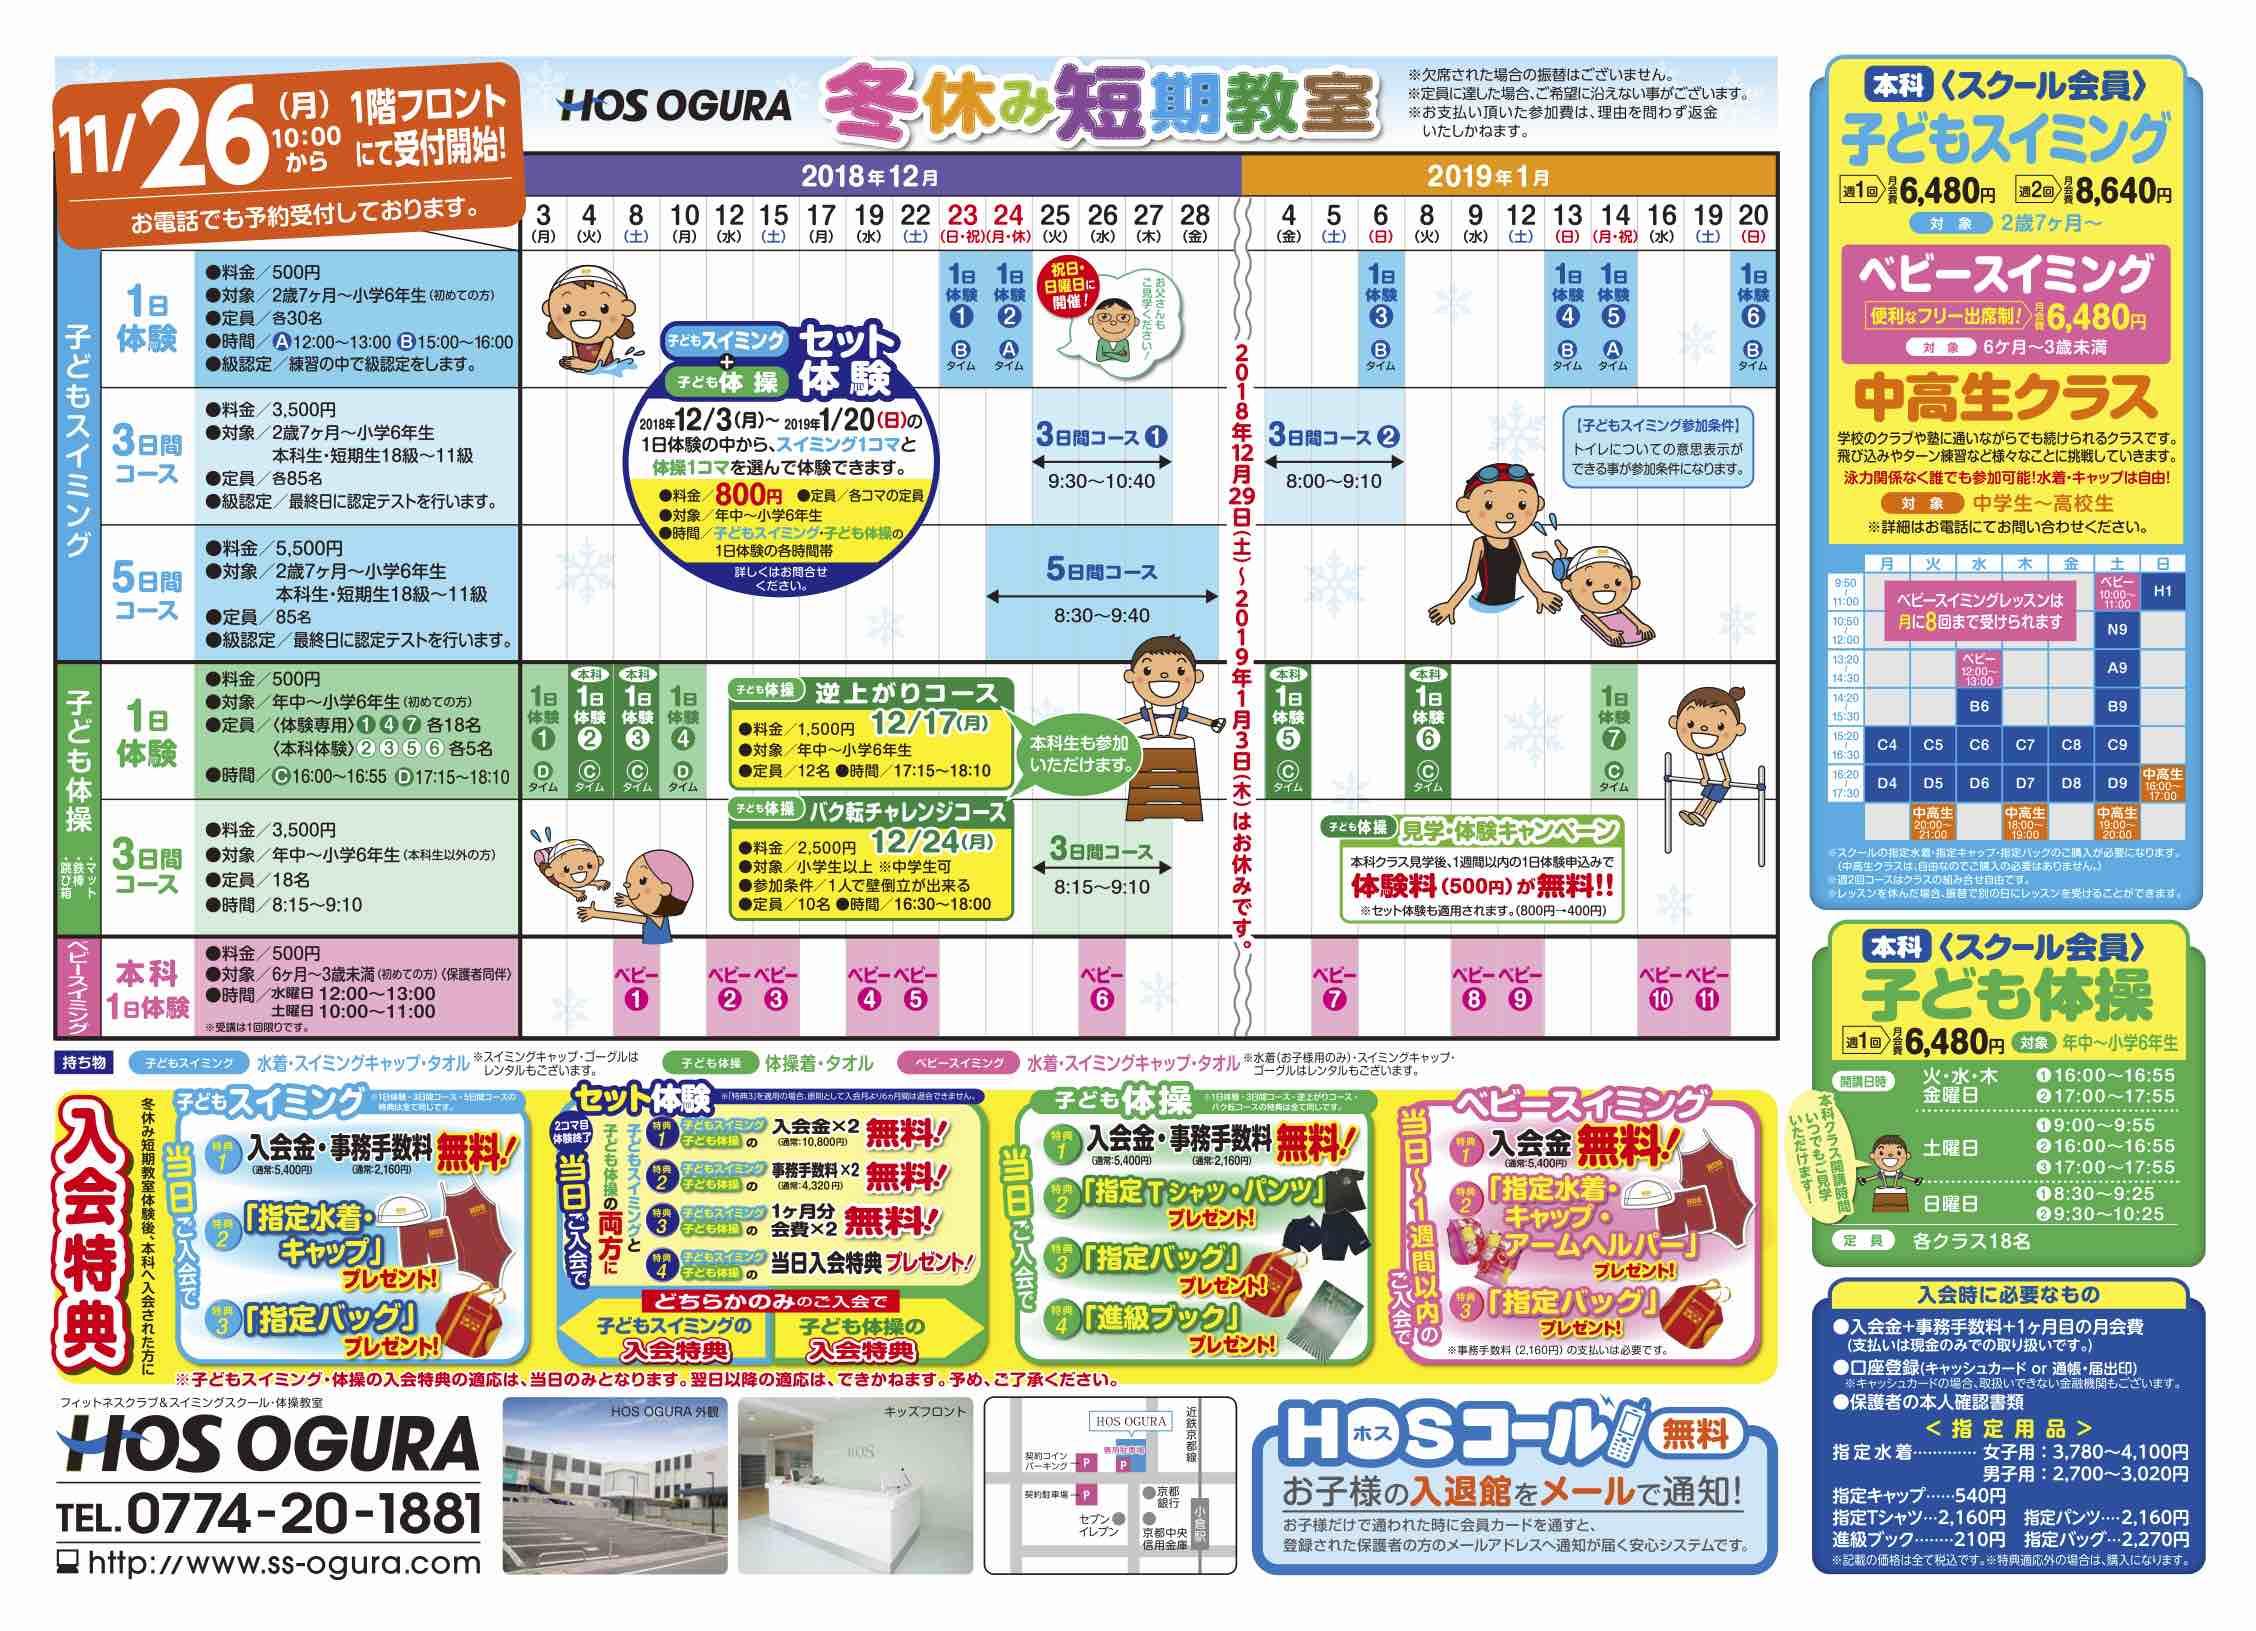 201811-ogura-jr-02